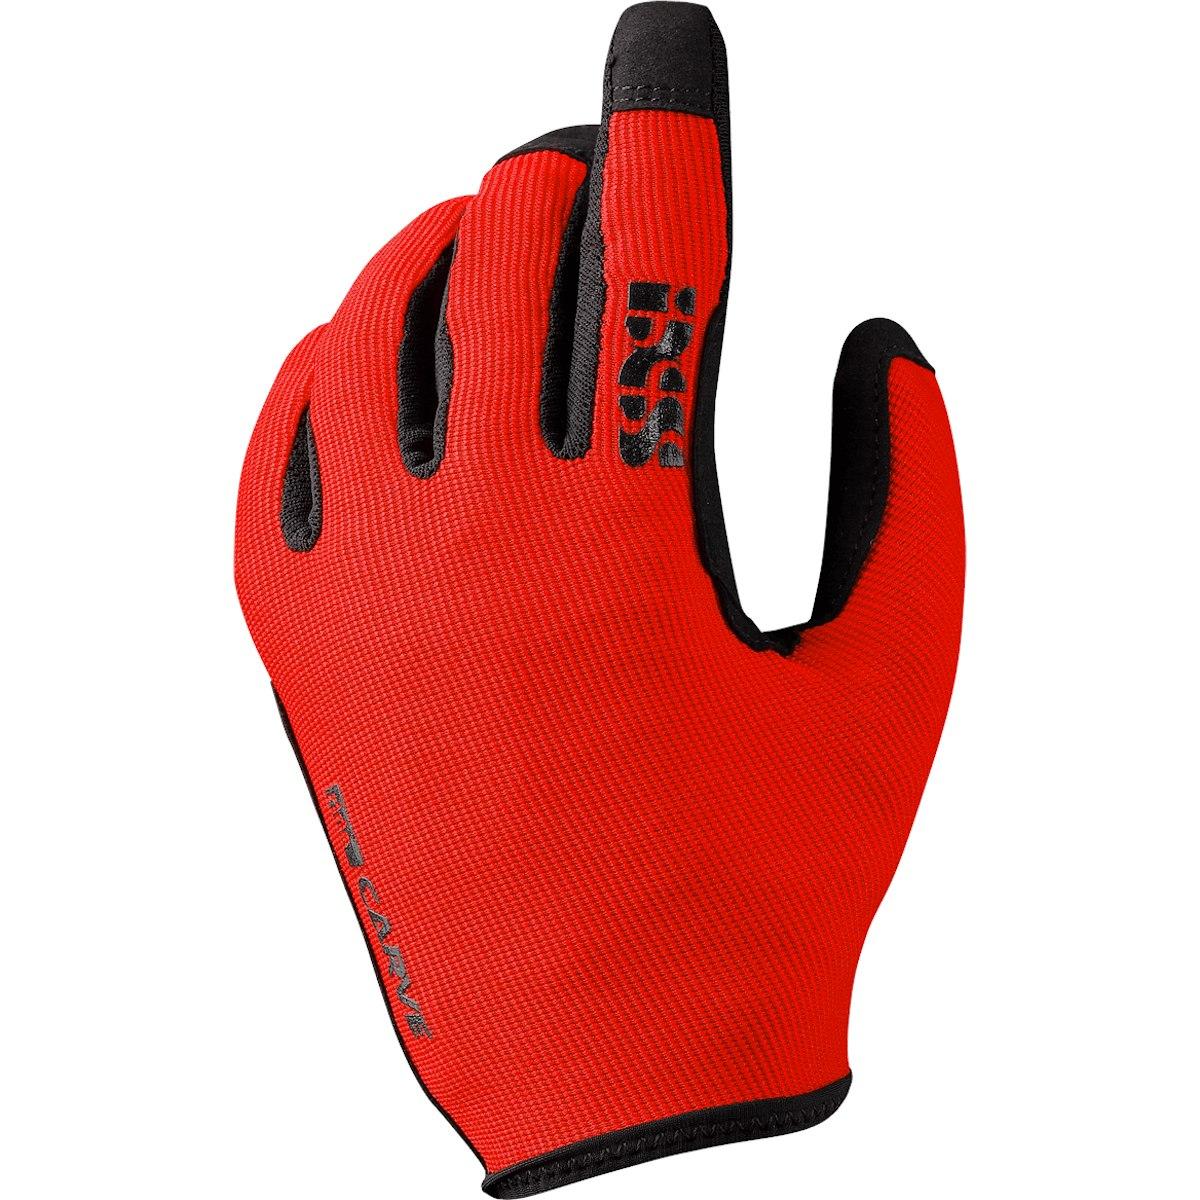 iXS Carve Vollfinger-Handschuhe - fluor red